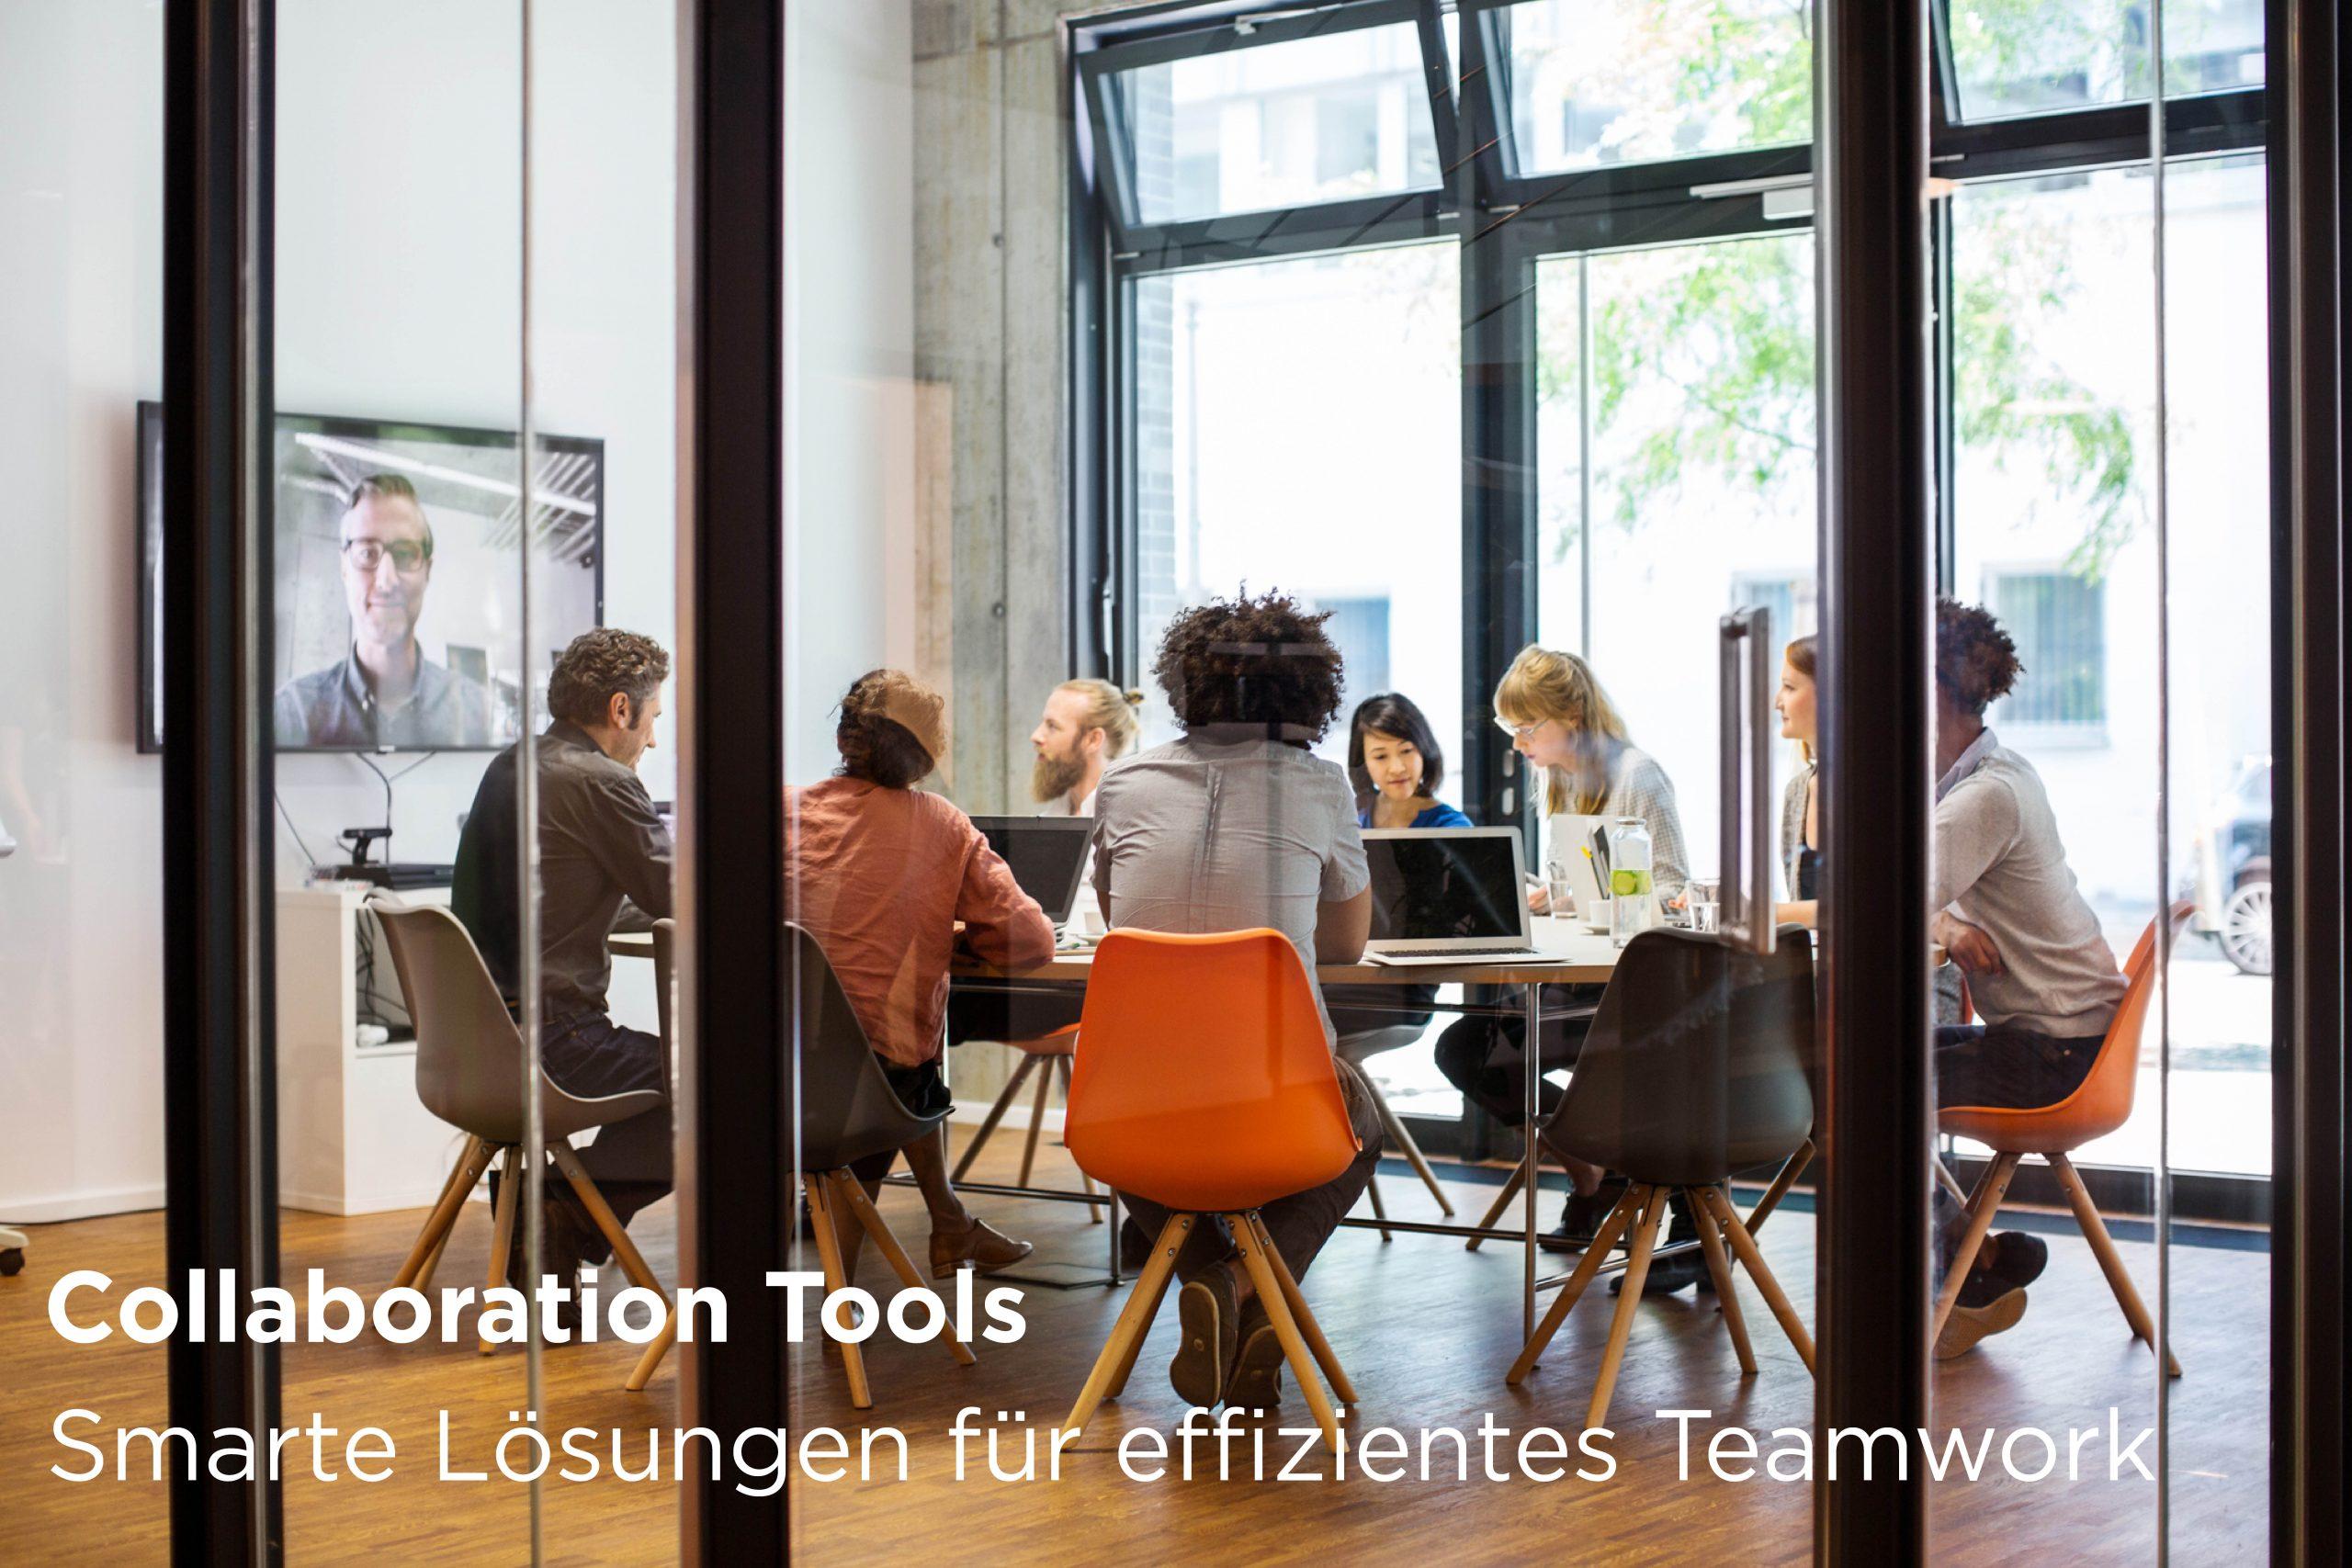 Collaboration Tools - Wir bieten smarte Lösungen für ein effizientes Teamwork. Egal ob im Office oder HomeOffice.